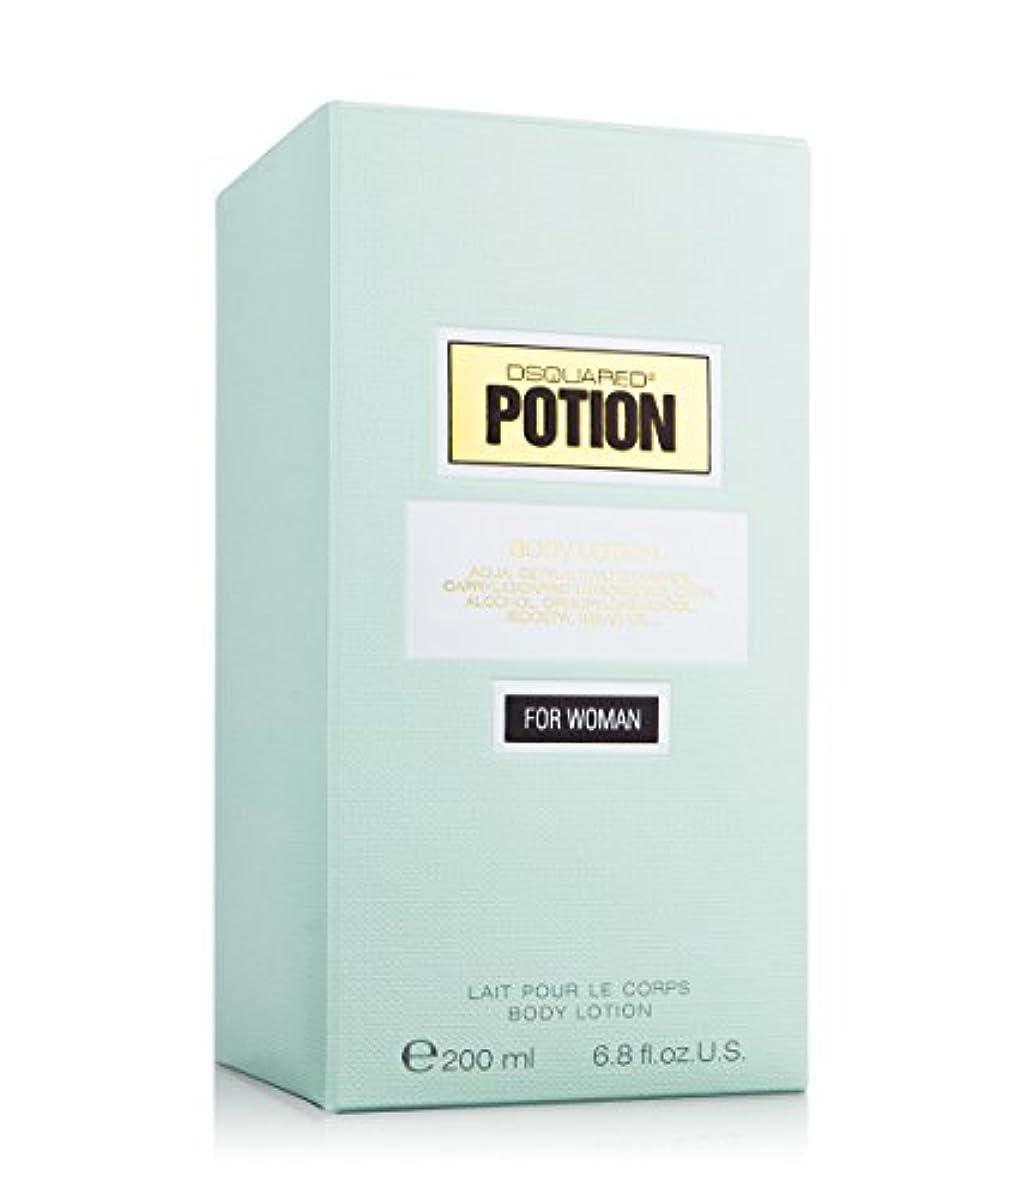 ゴシップ自発パイルDsquared2 Potion Body Lotion For Woman(ディースクエアード ポーション ボディローション フォー ウーマン)200ml [並行輸入品]